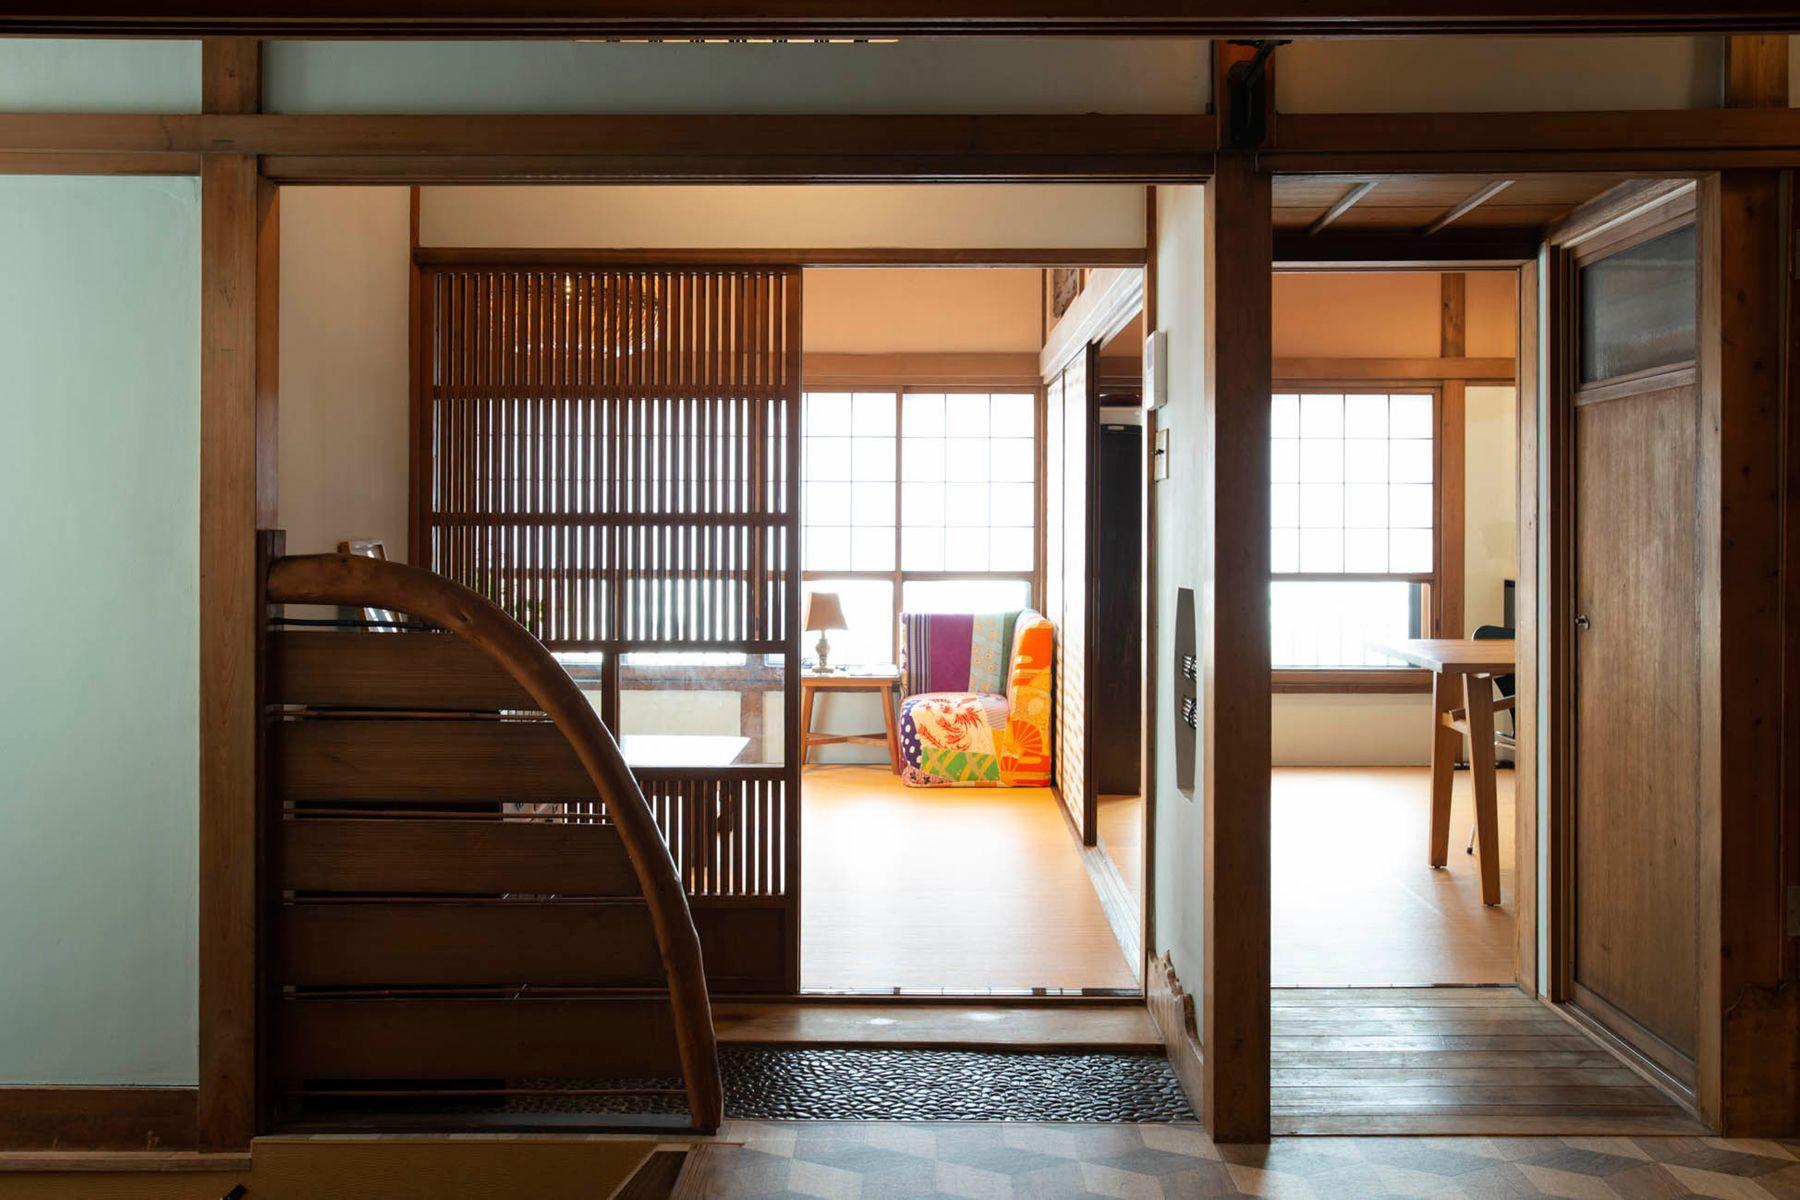 江戸端会議室 (エドバタカイギシツ)和室(8畳) から廊下側